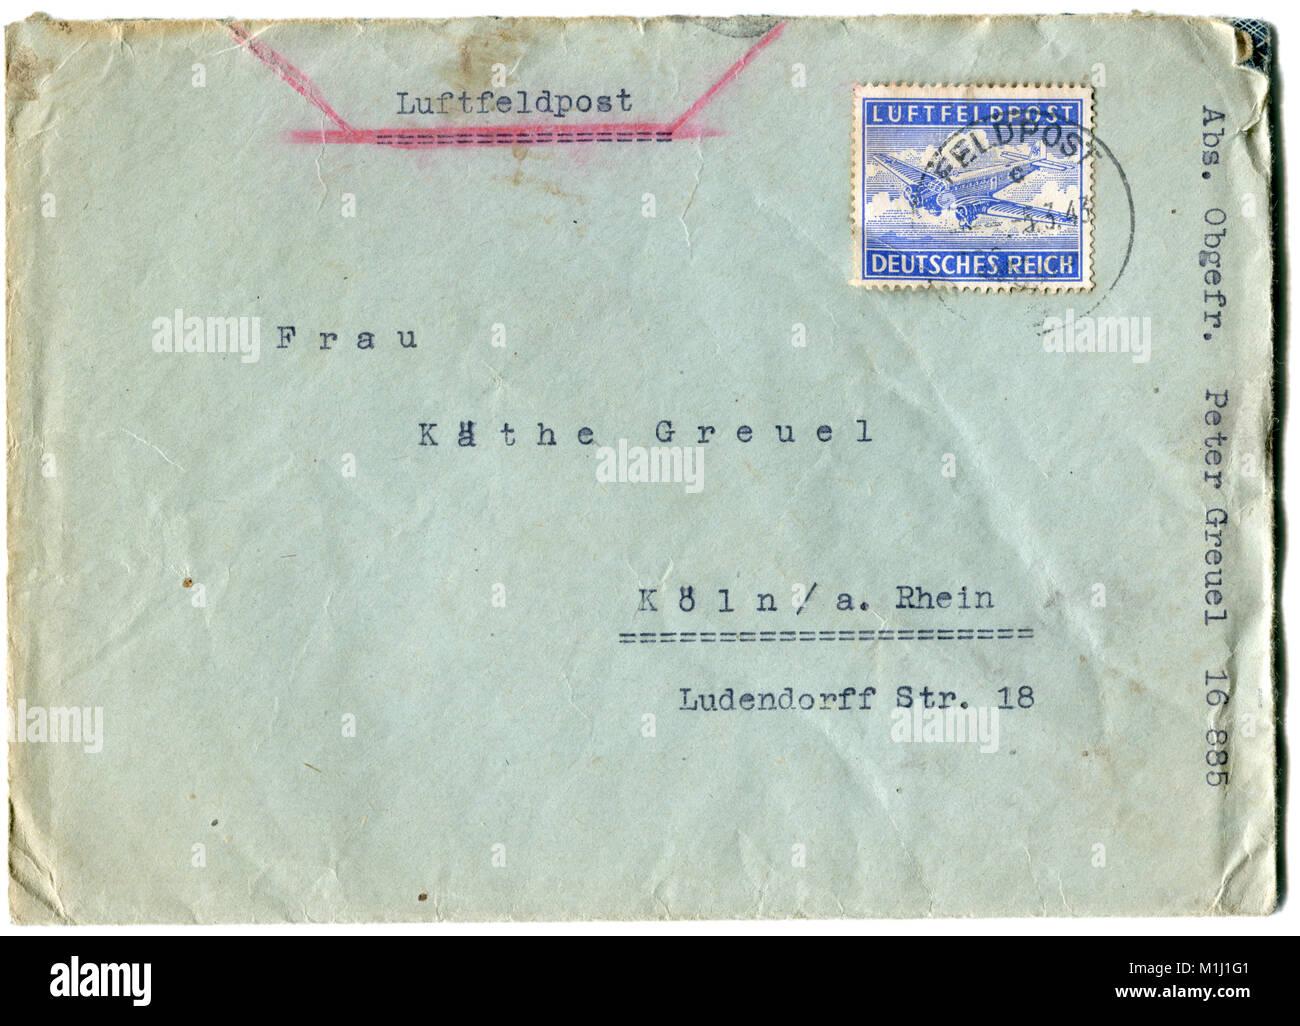 Alte Deutsche Post Umschlag Brief Und Briefmarken Poststempel Der